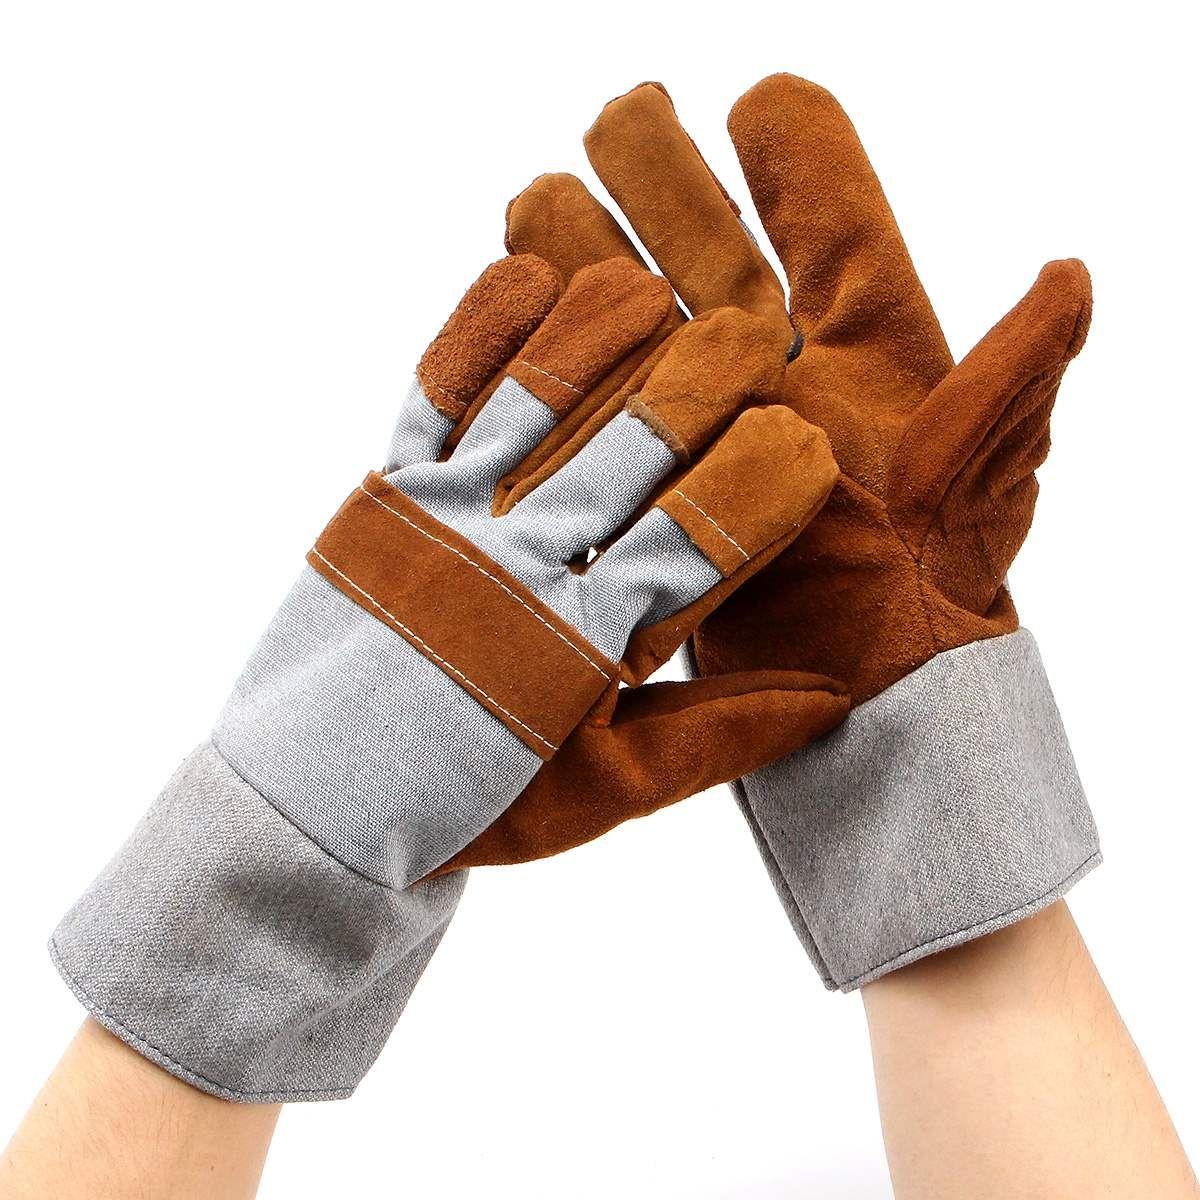 Schweißen SCHWEIßER Arbeiten Weiche Rindsleder Plus Handschuhe Für schützende hand schutzhandschuhe